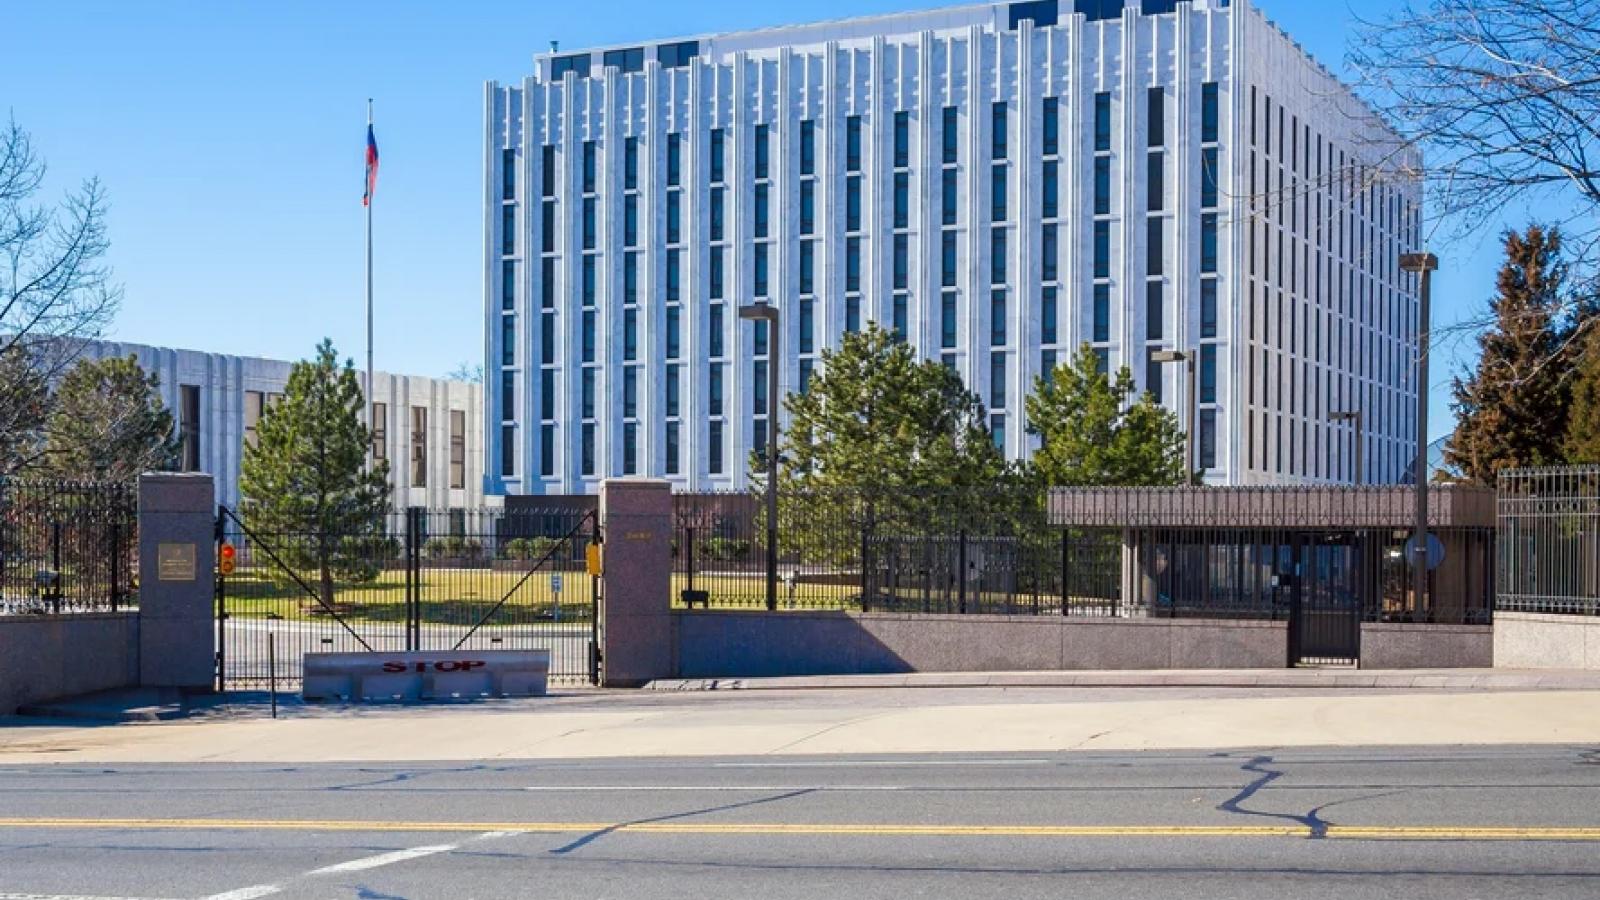 Mỹ yêu cầu 24 nhà ngoại giao Nga rời khỏi nước này trước ngày 3/9